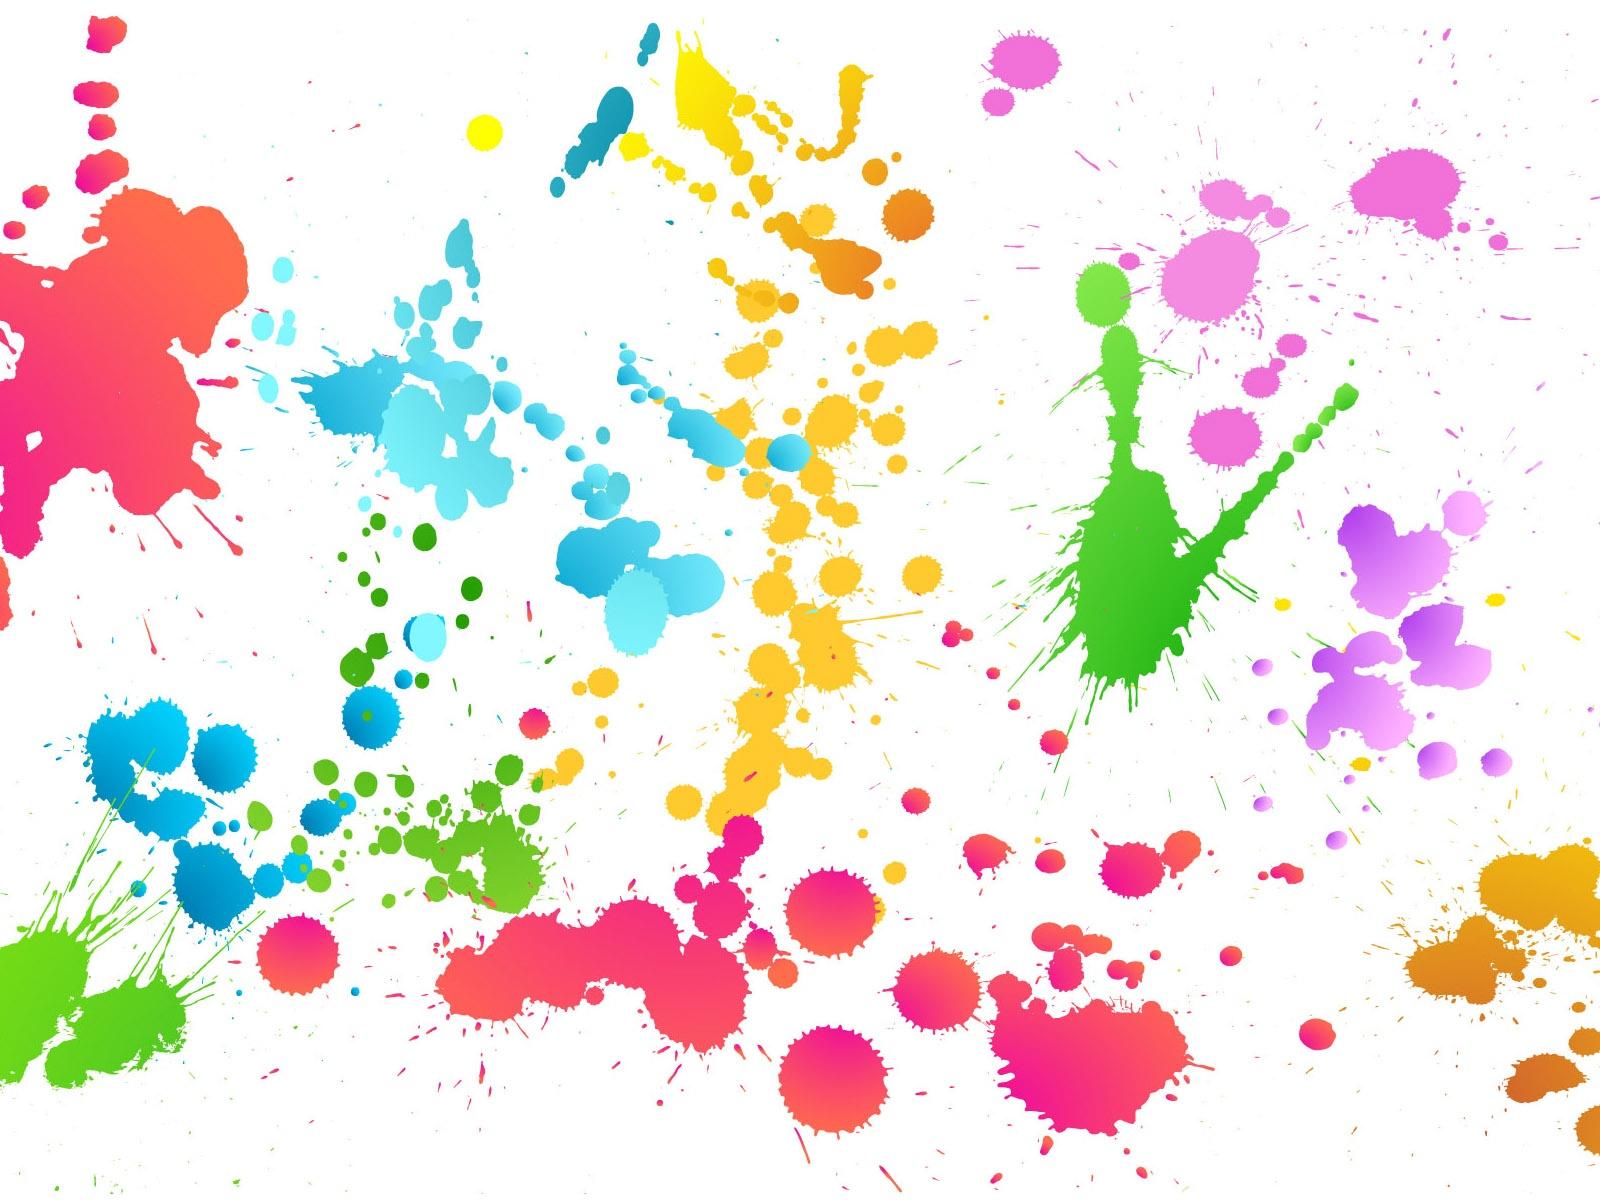 картинка с брызгами краски